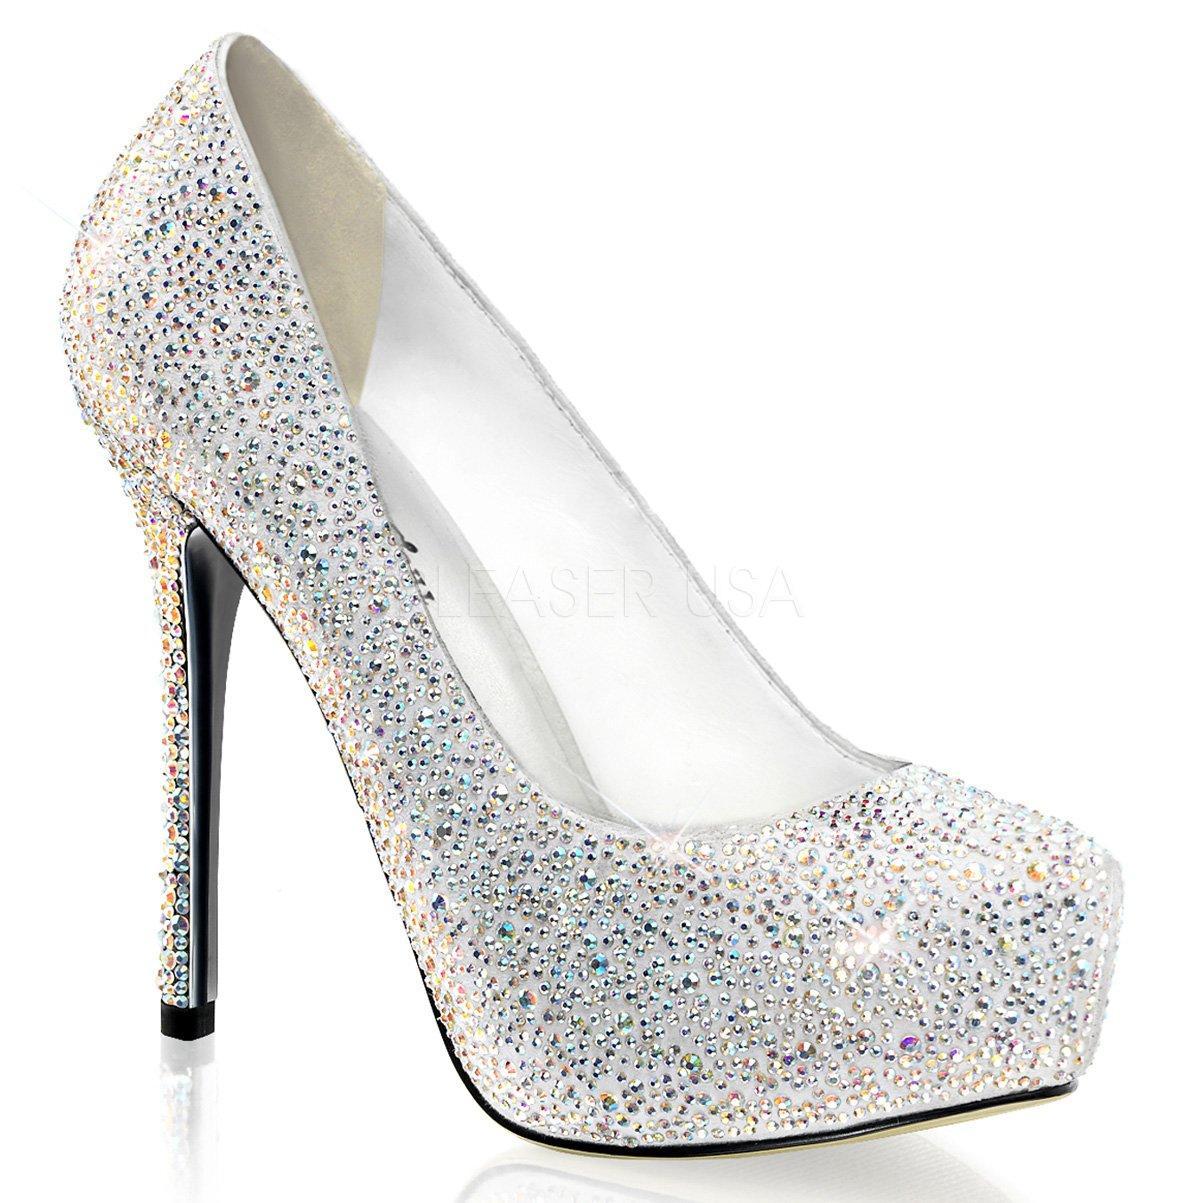 49fd527c4f9 ... boty na podpatku. 1.899 Kč. PRESTIGE-20 Luxusní stříbrné třpytivé  lodičky s kamínky na jehlách